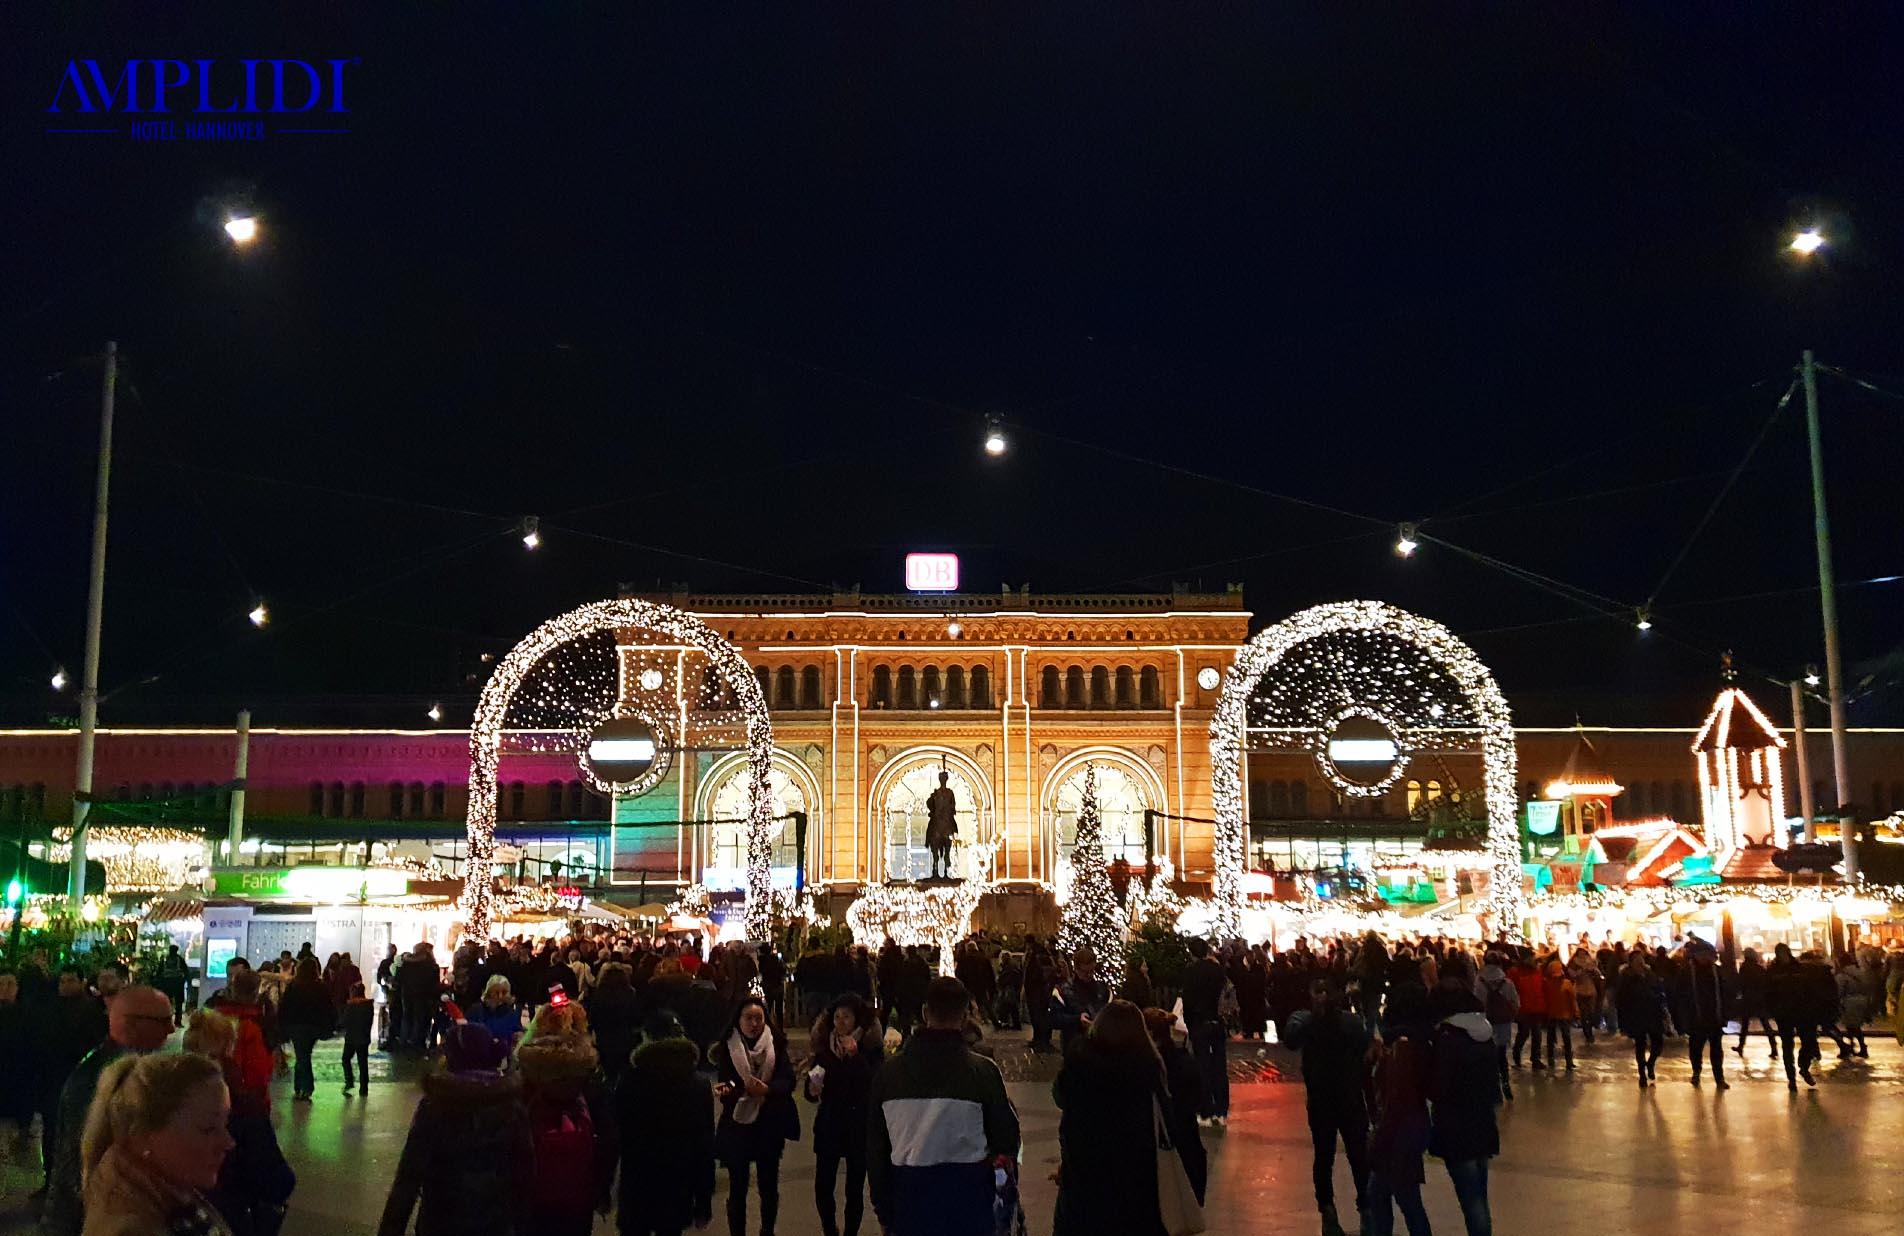 Weihnachtsmarkt am Hauptbahnhof